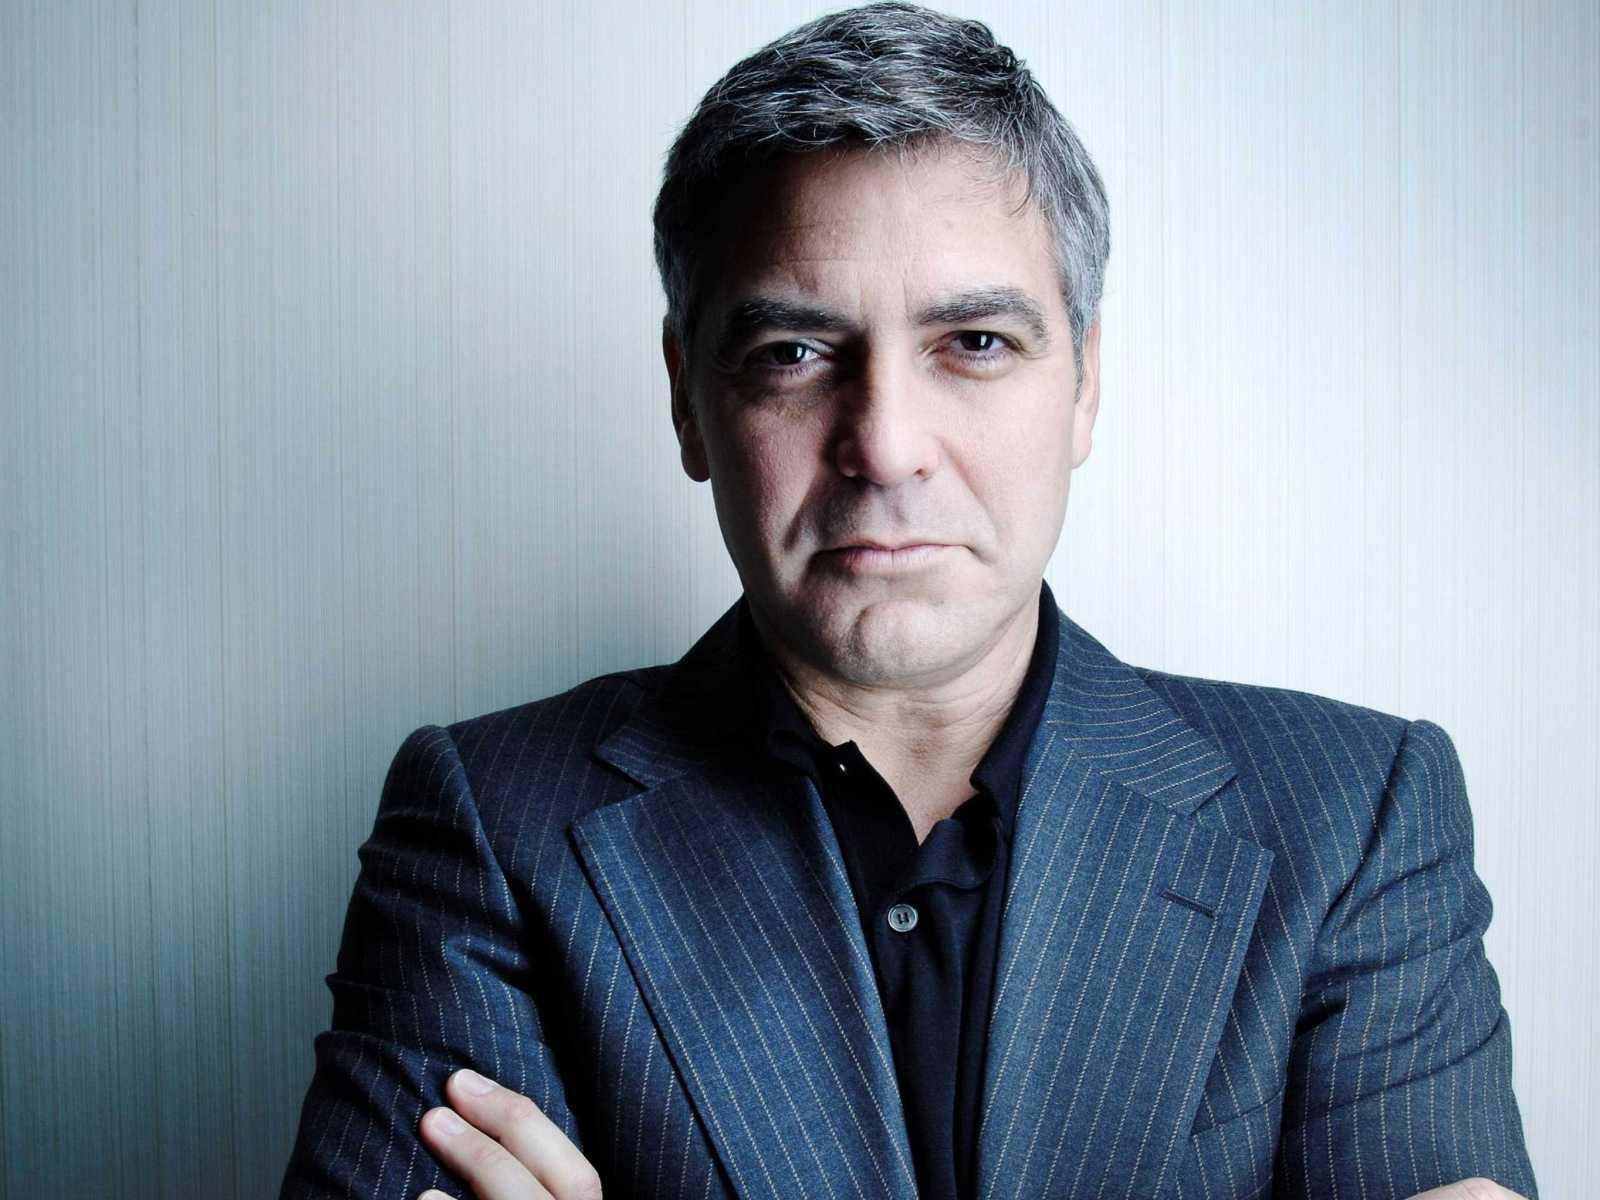 Фото | Джордж Клуни сейчас